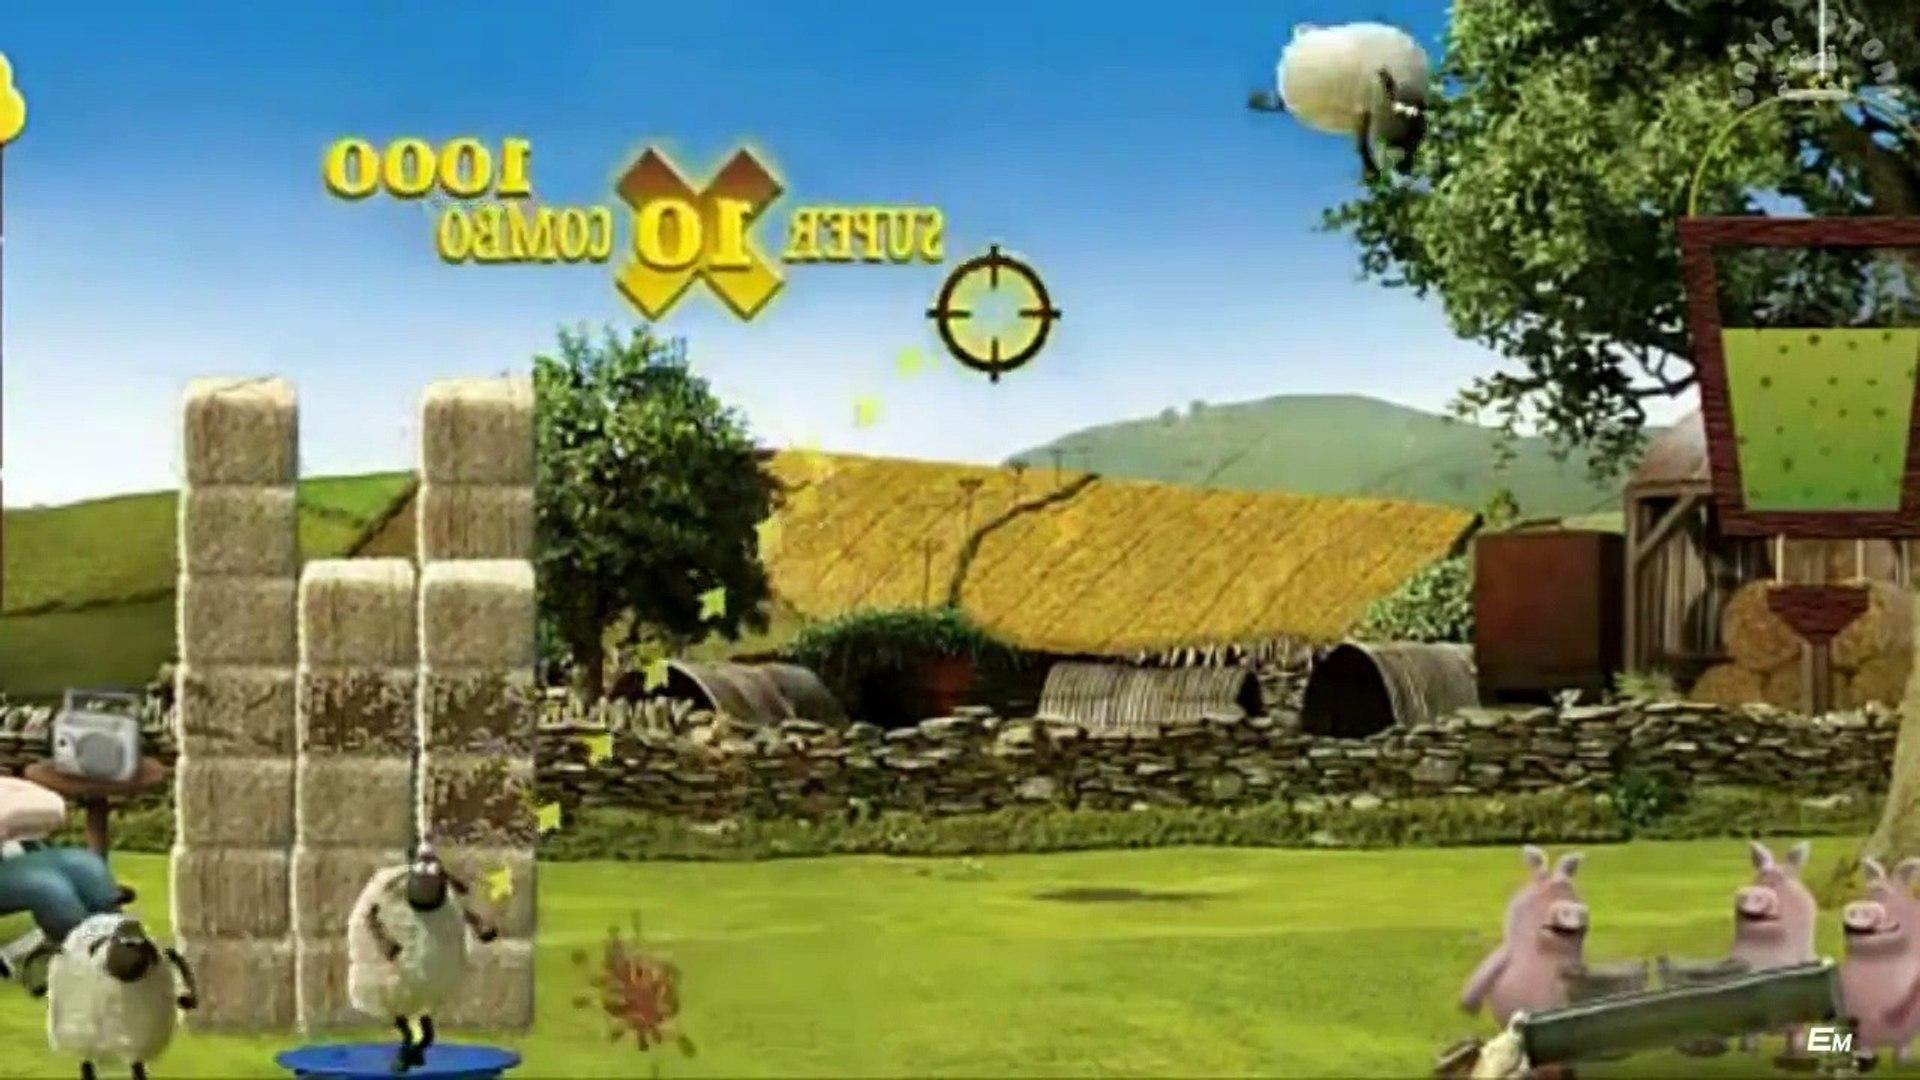 فيلم كرتون شون ذا شيب كيف تطير Shaun The Sheep Movie Gameplay